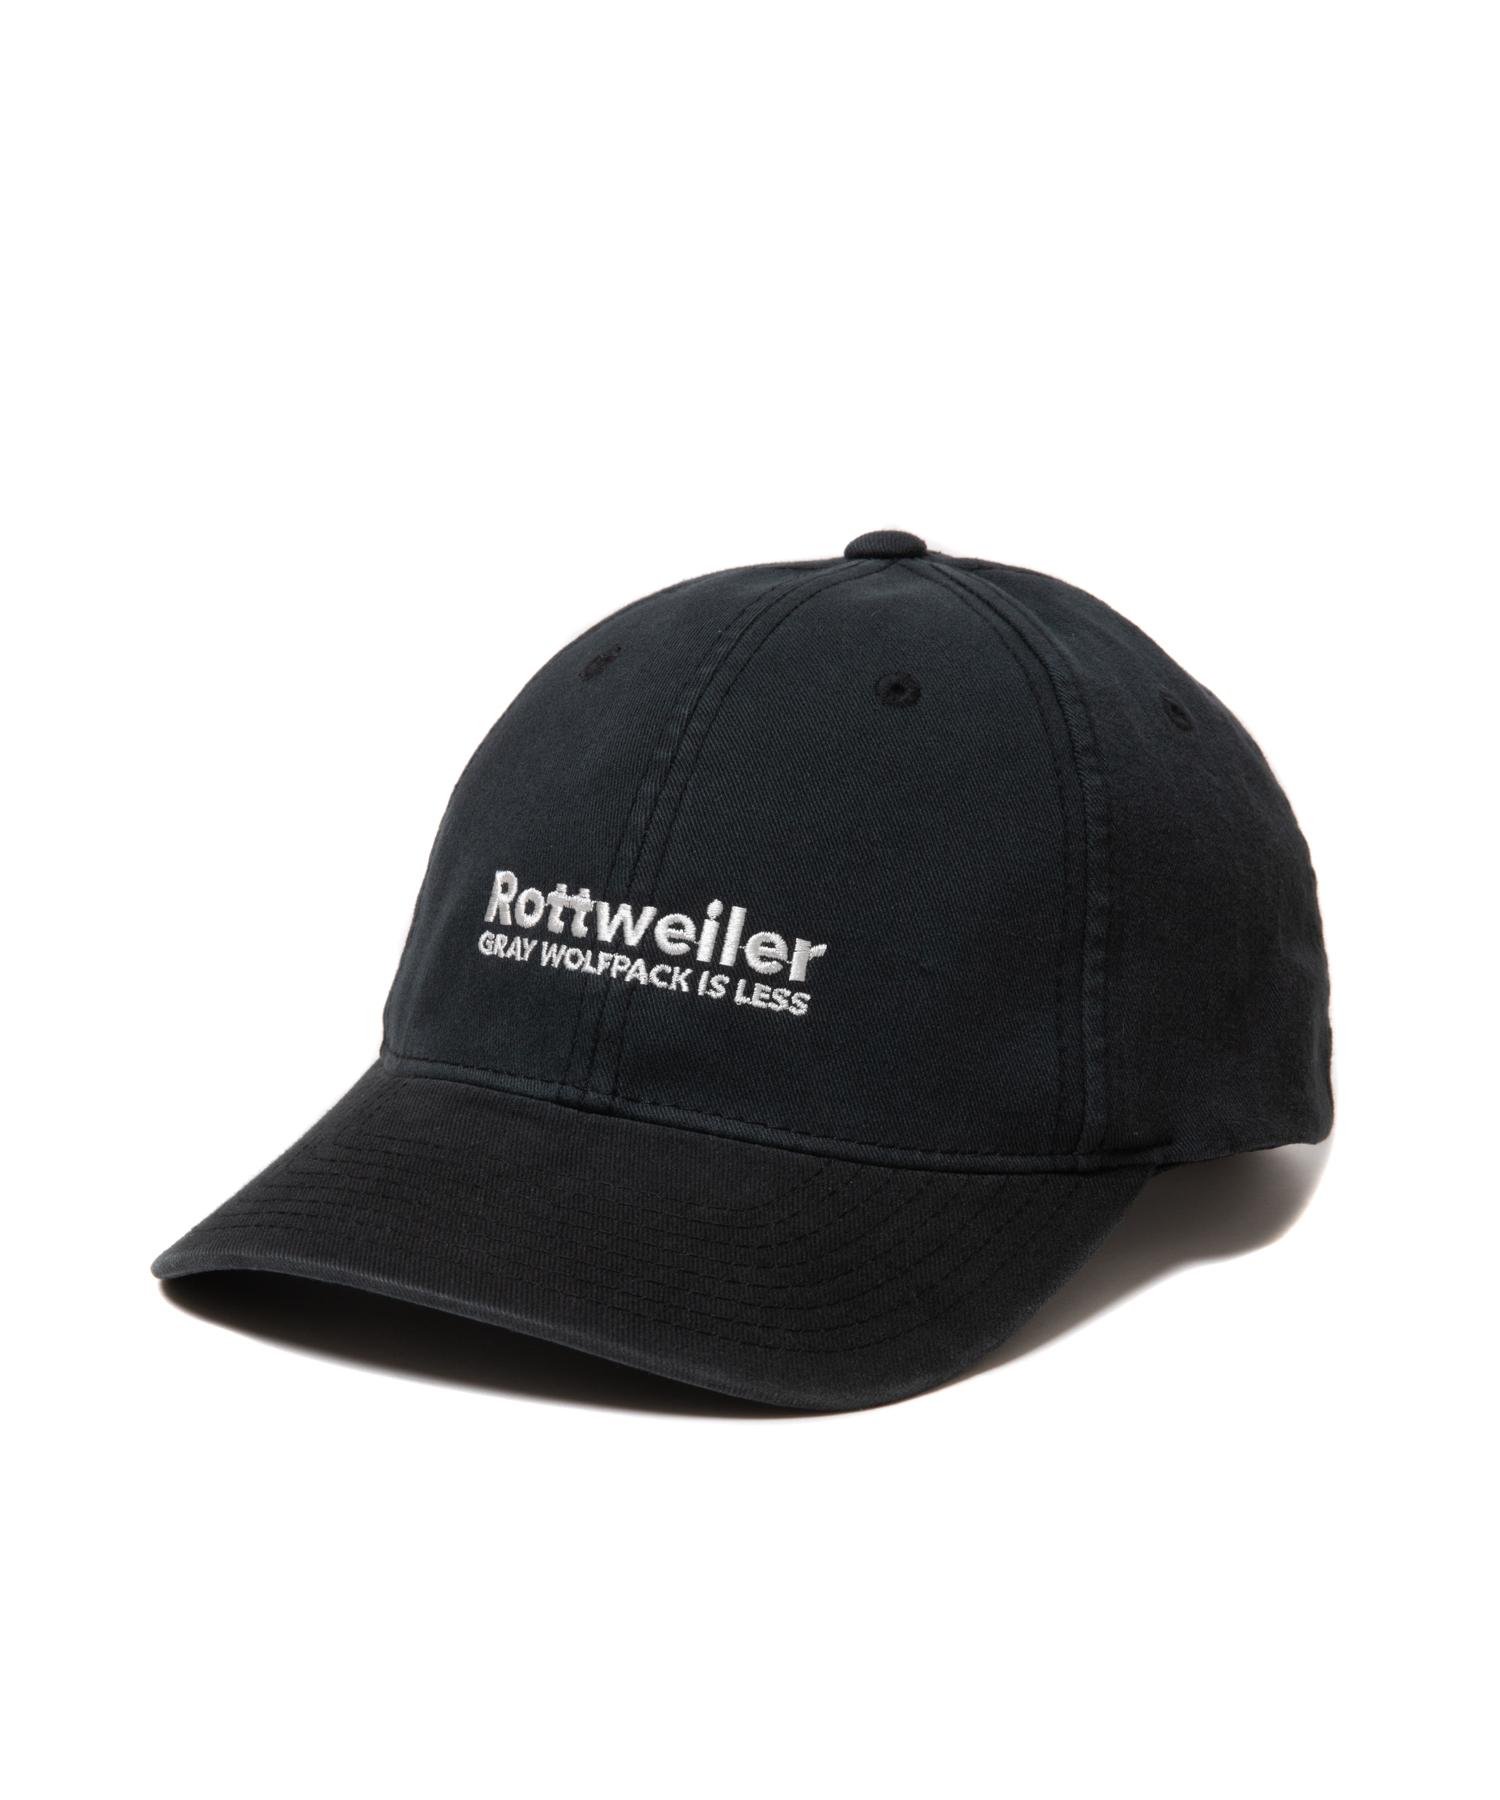 【ROTTWEILER】DAD R.W CAP